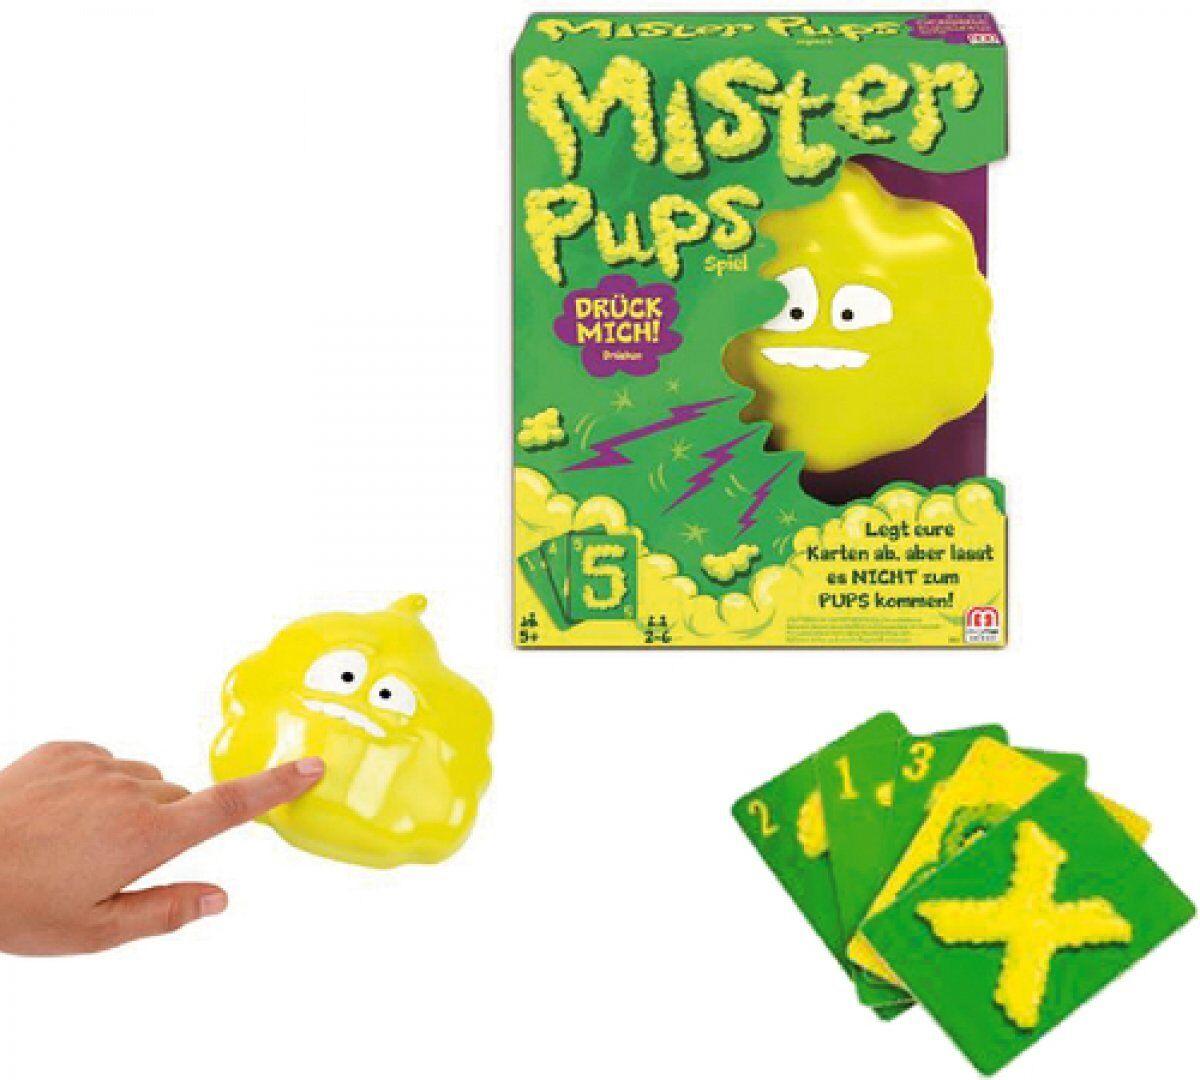 Mattel MISTER PUPS Spiel ab 5 Jahre Jahre Jahre Spielspaß mit Gekicher Karten ablegen pupst bda704